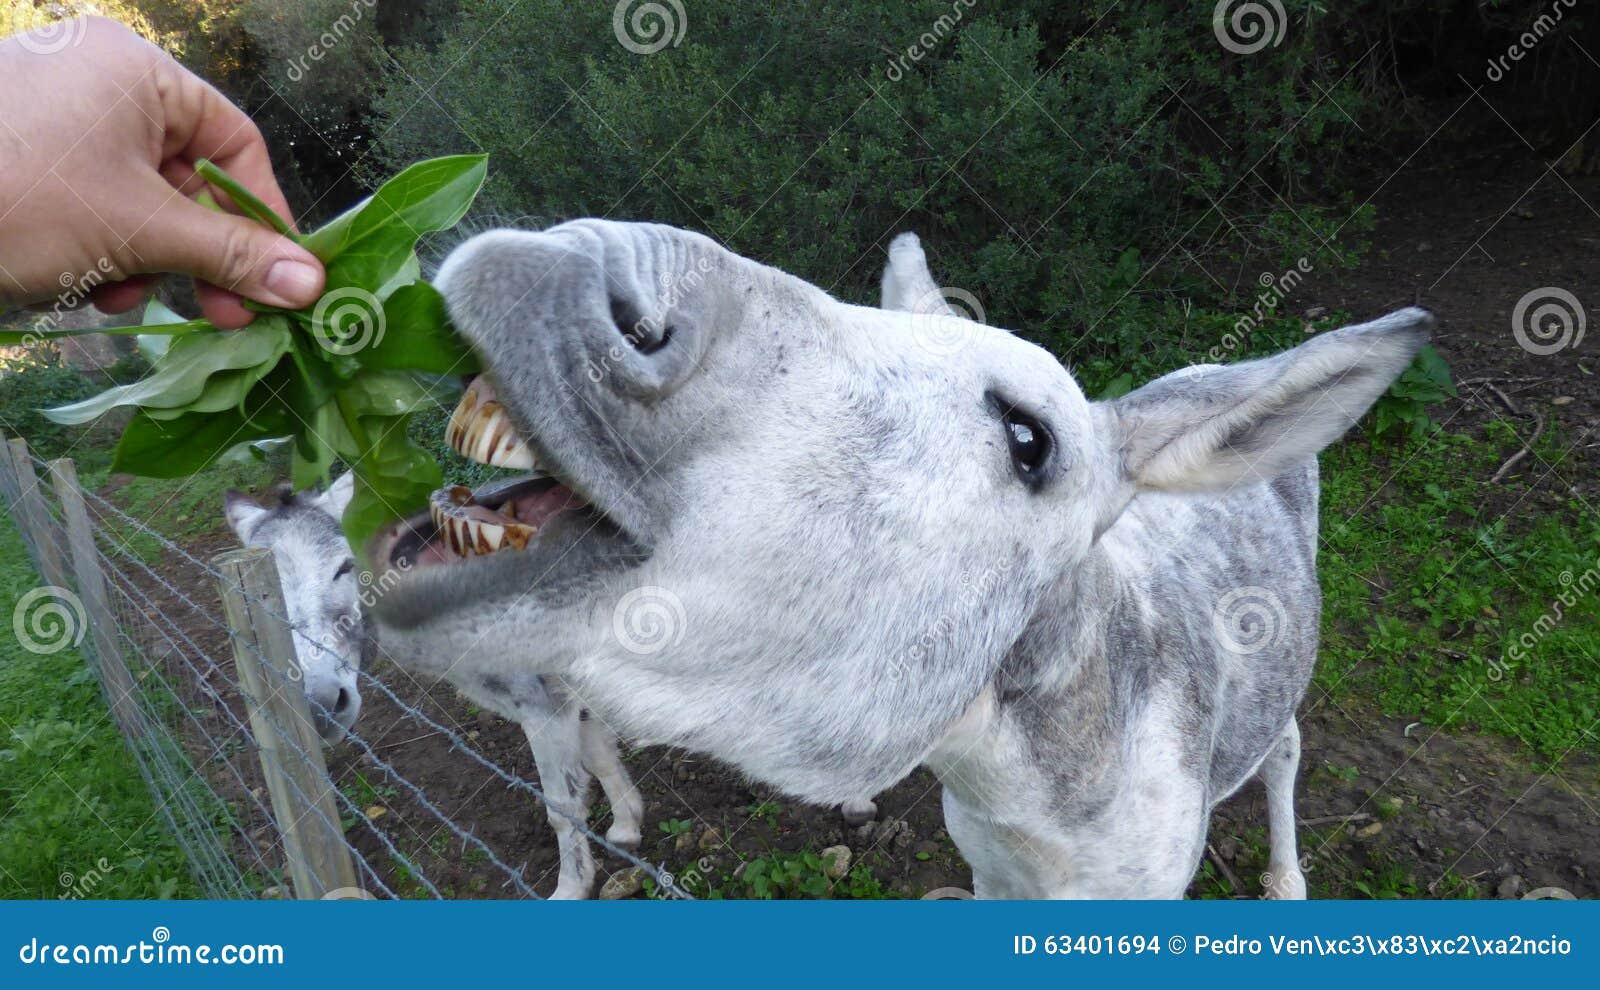 The donkey eating